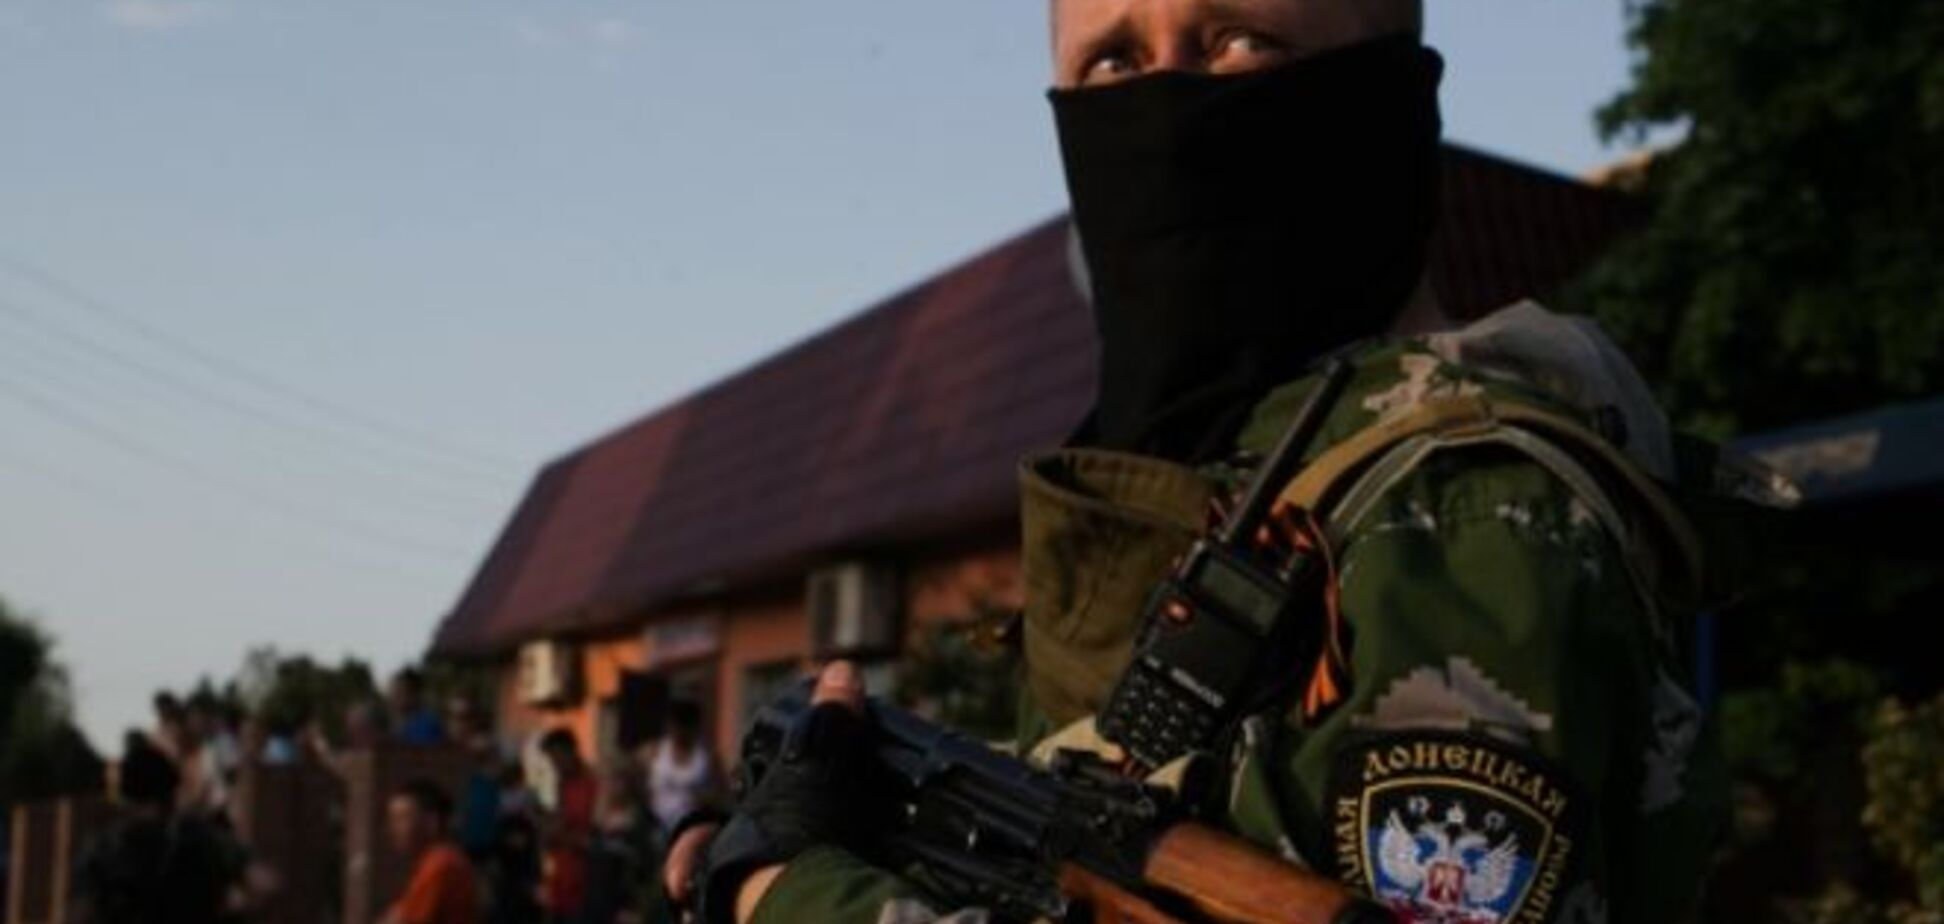 Обережно! Бойовики планують на Донбасі криваву провокацію - Федичев